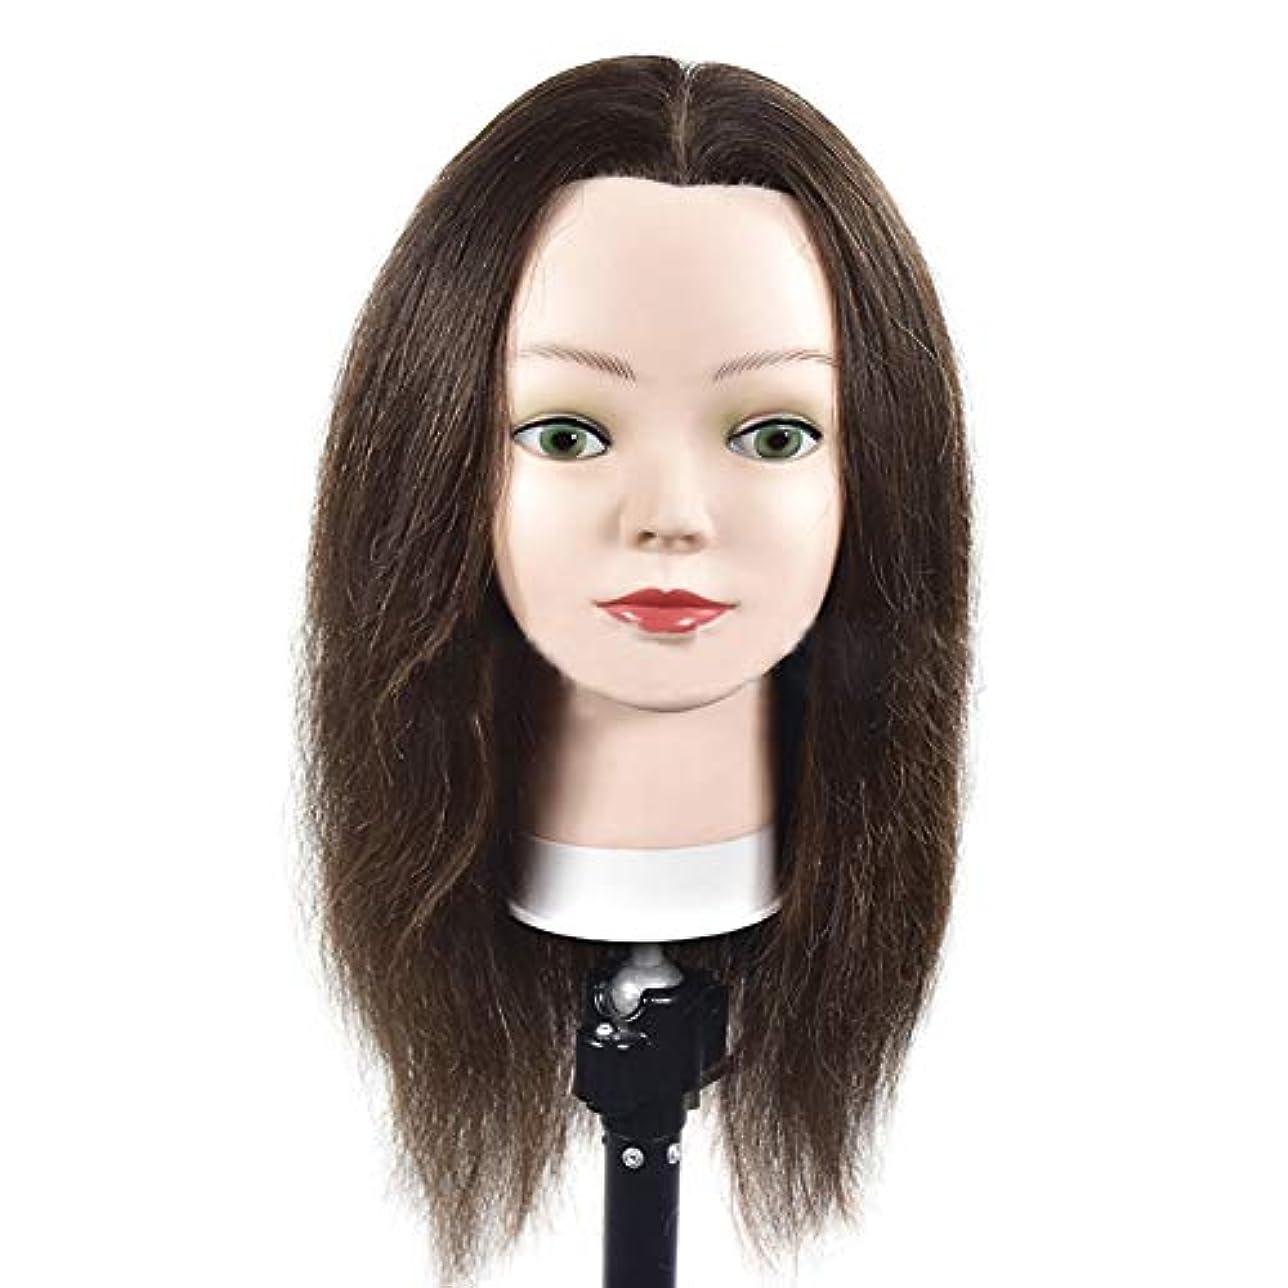 ヒューズアイザック腹痛サロン髪編組理髪指導ヘッドスタイリング散髪ダミーヘッド化粧学習マネキンヘッド